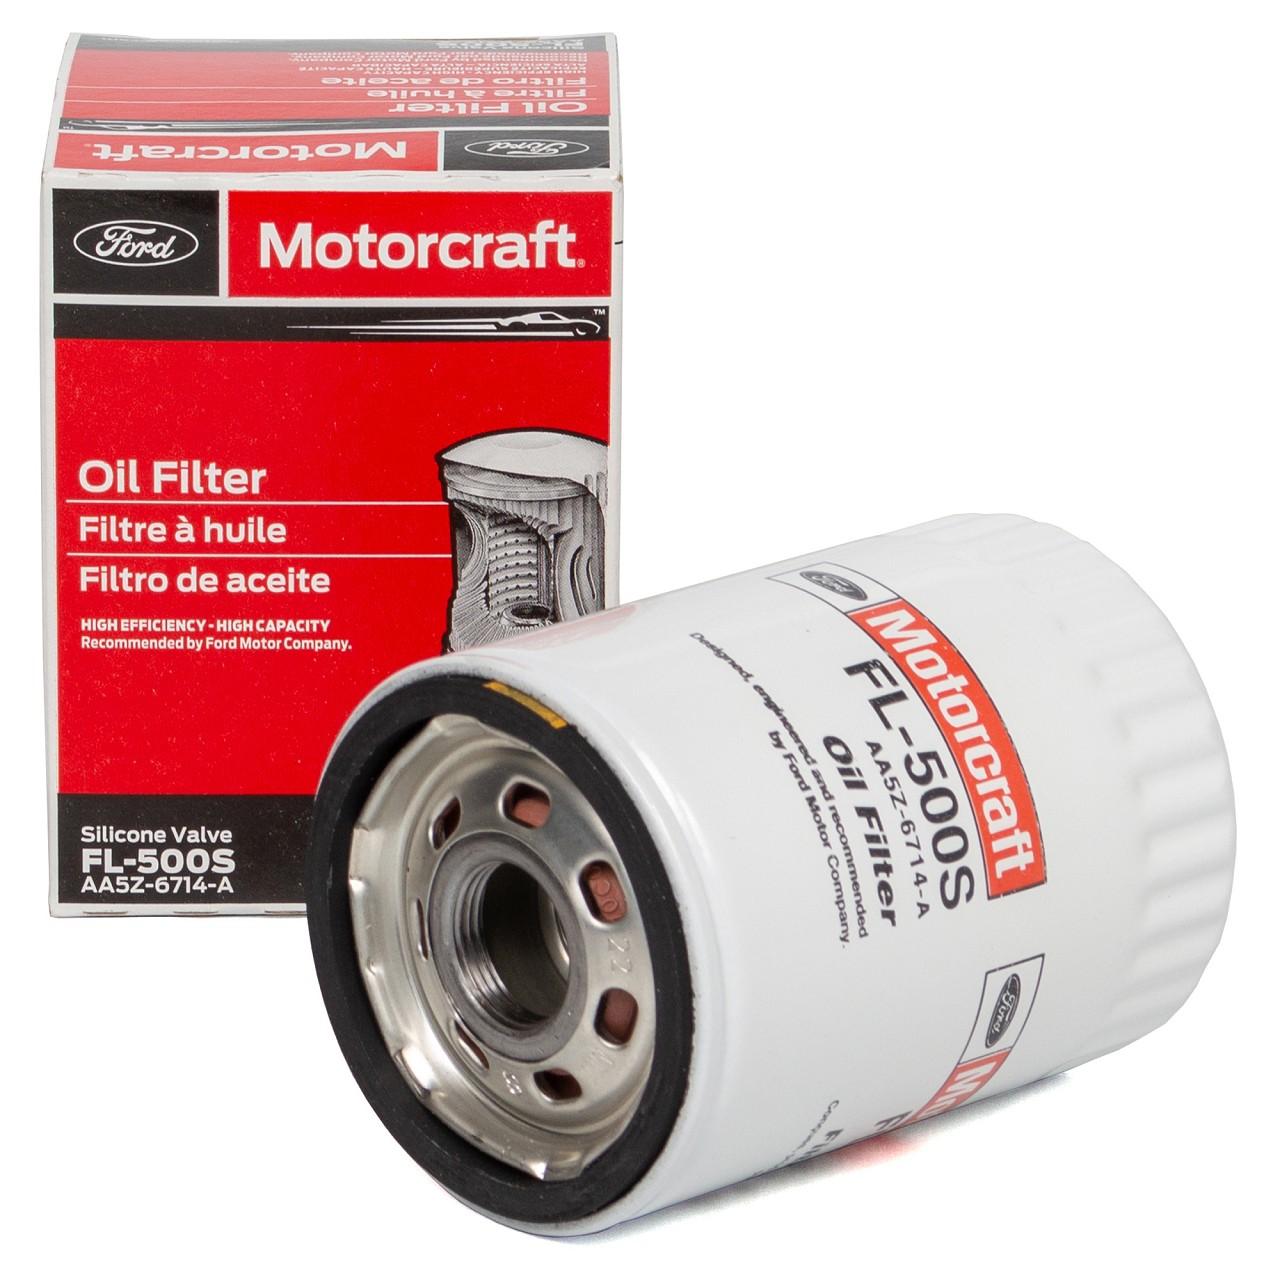 ORIGINAL Ford USA Motorcraft Ölfilter MUSTANG 5.0 V8 422 PS 2081941 FL-500S